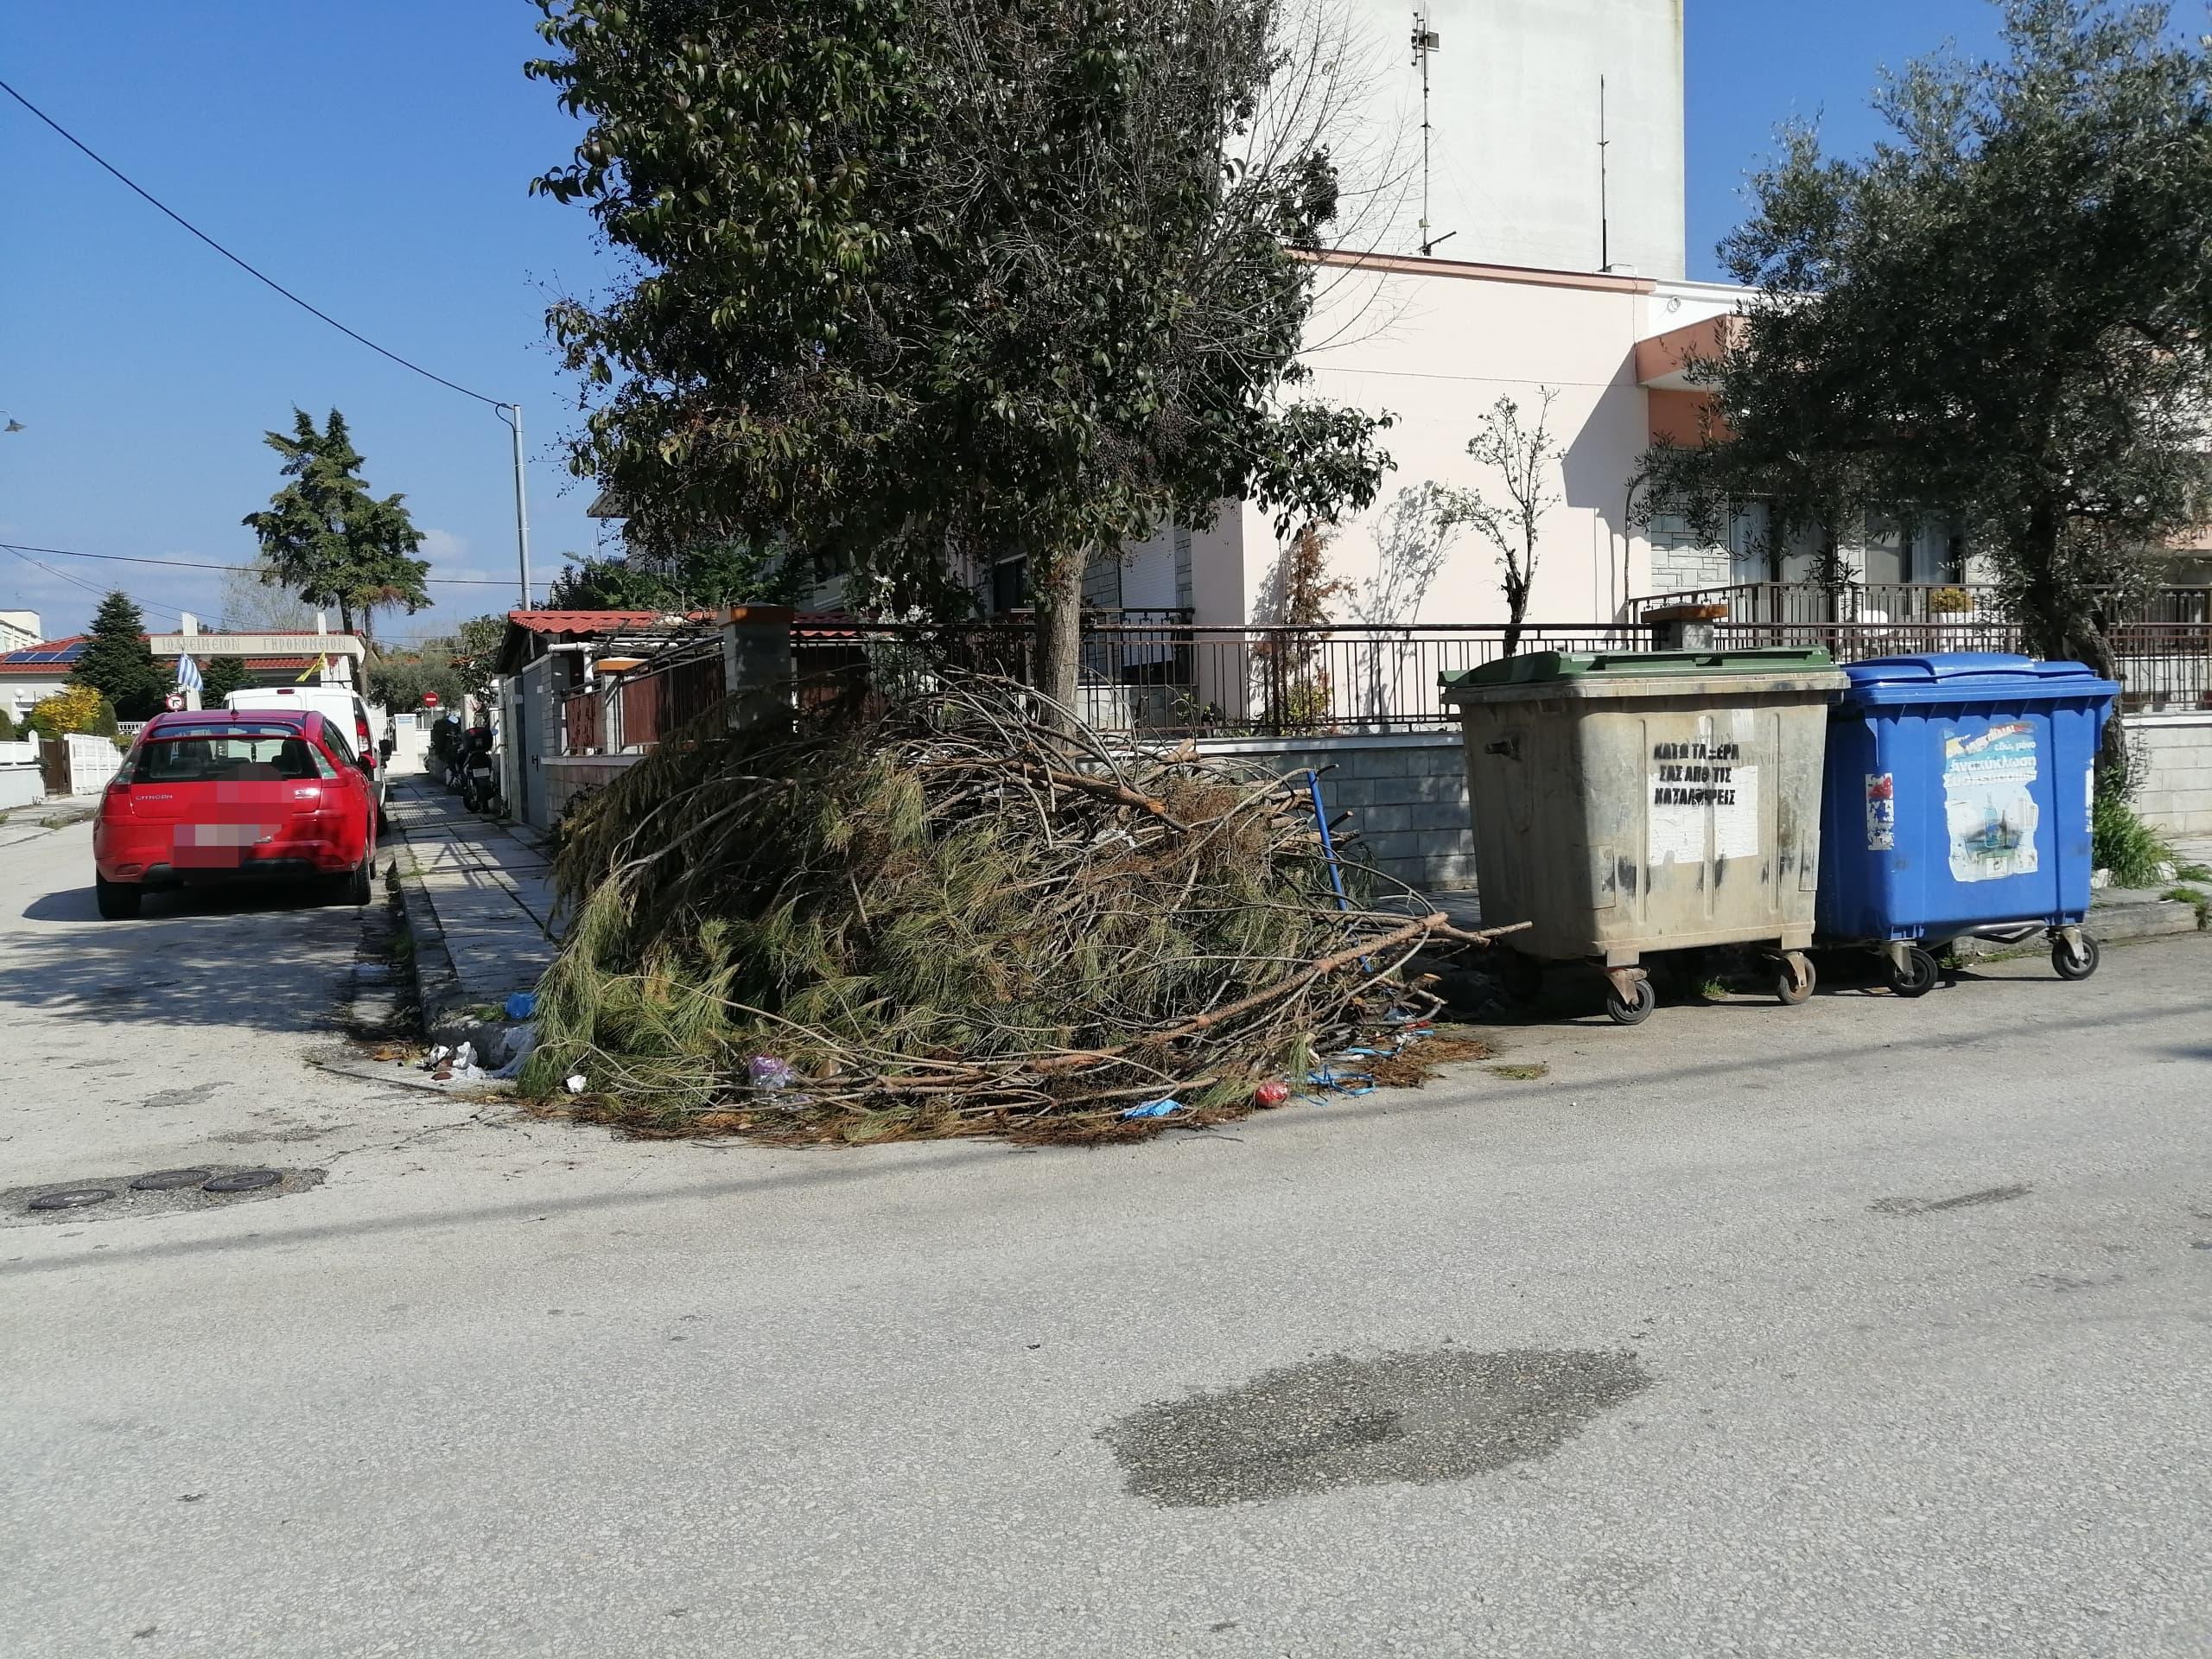 Καθημερινή και δύσκολη η «μάχη» με την καθαριότητα στην Αλεξανδρούπολη